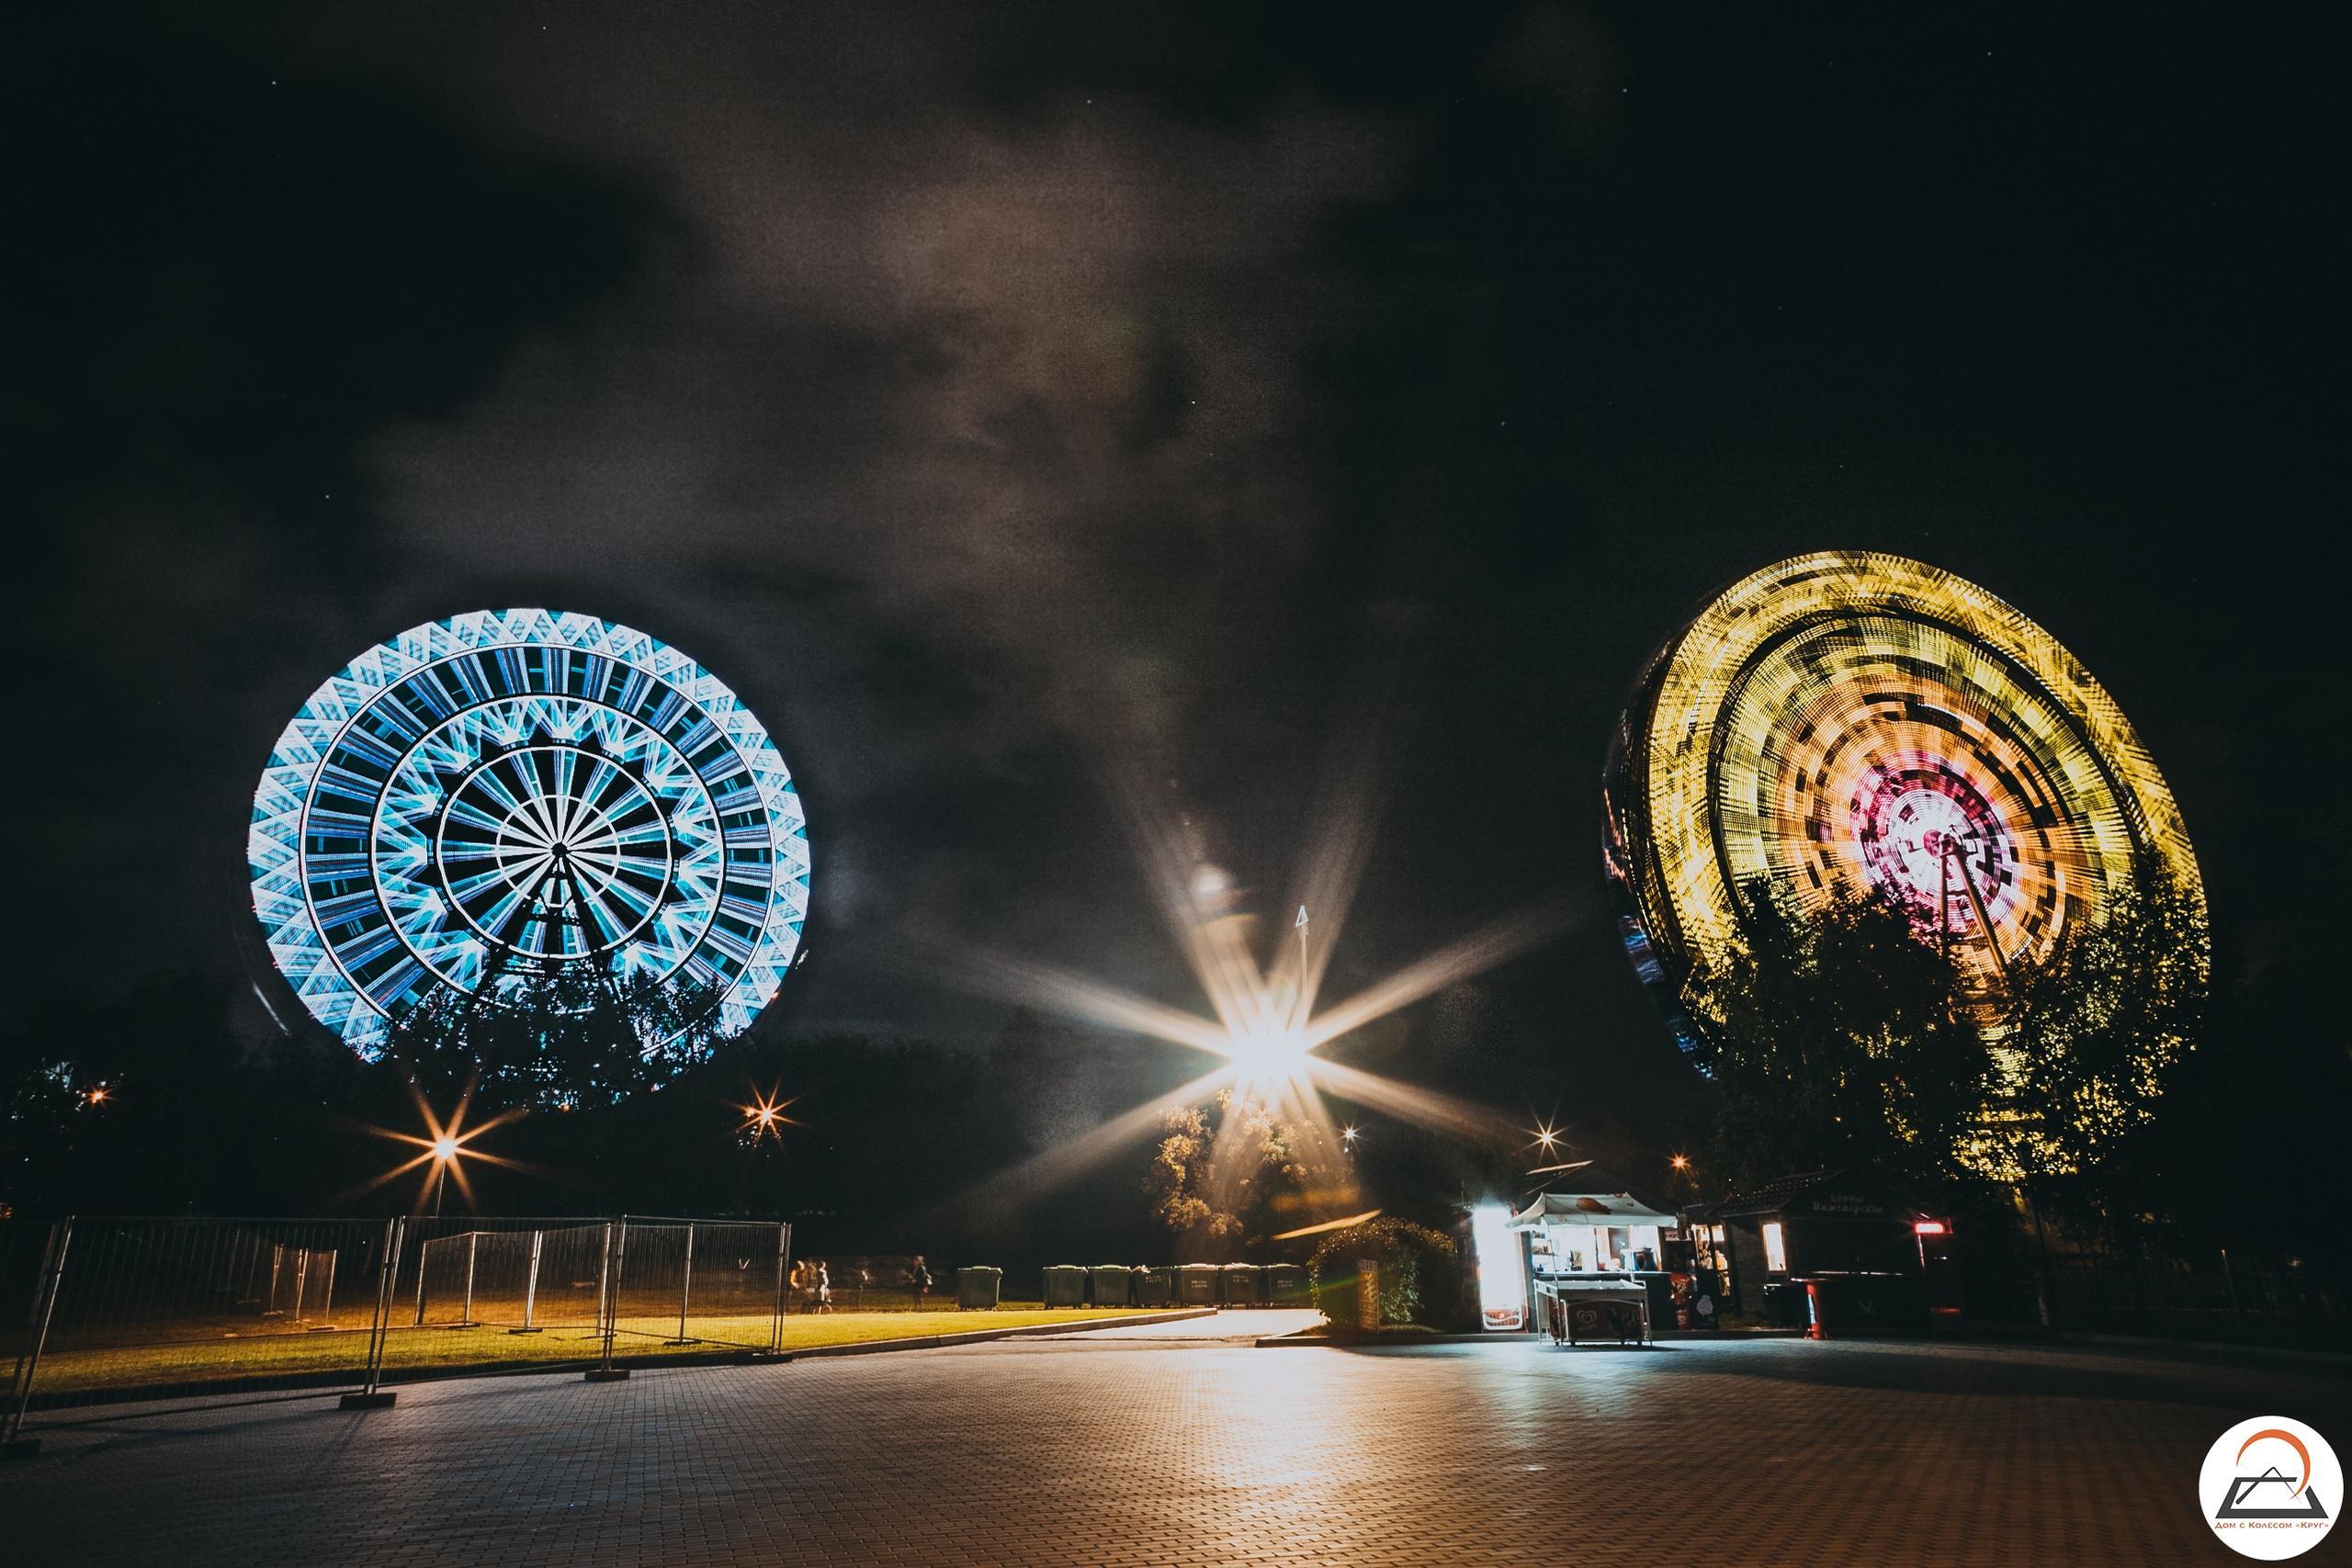 Картинки в новосибирске колесо обозрения все-таки